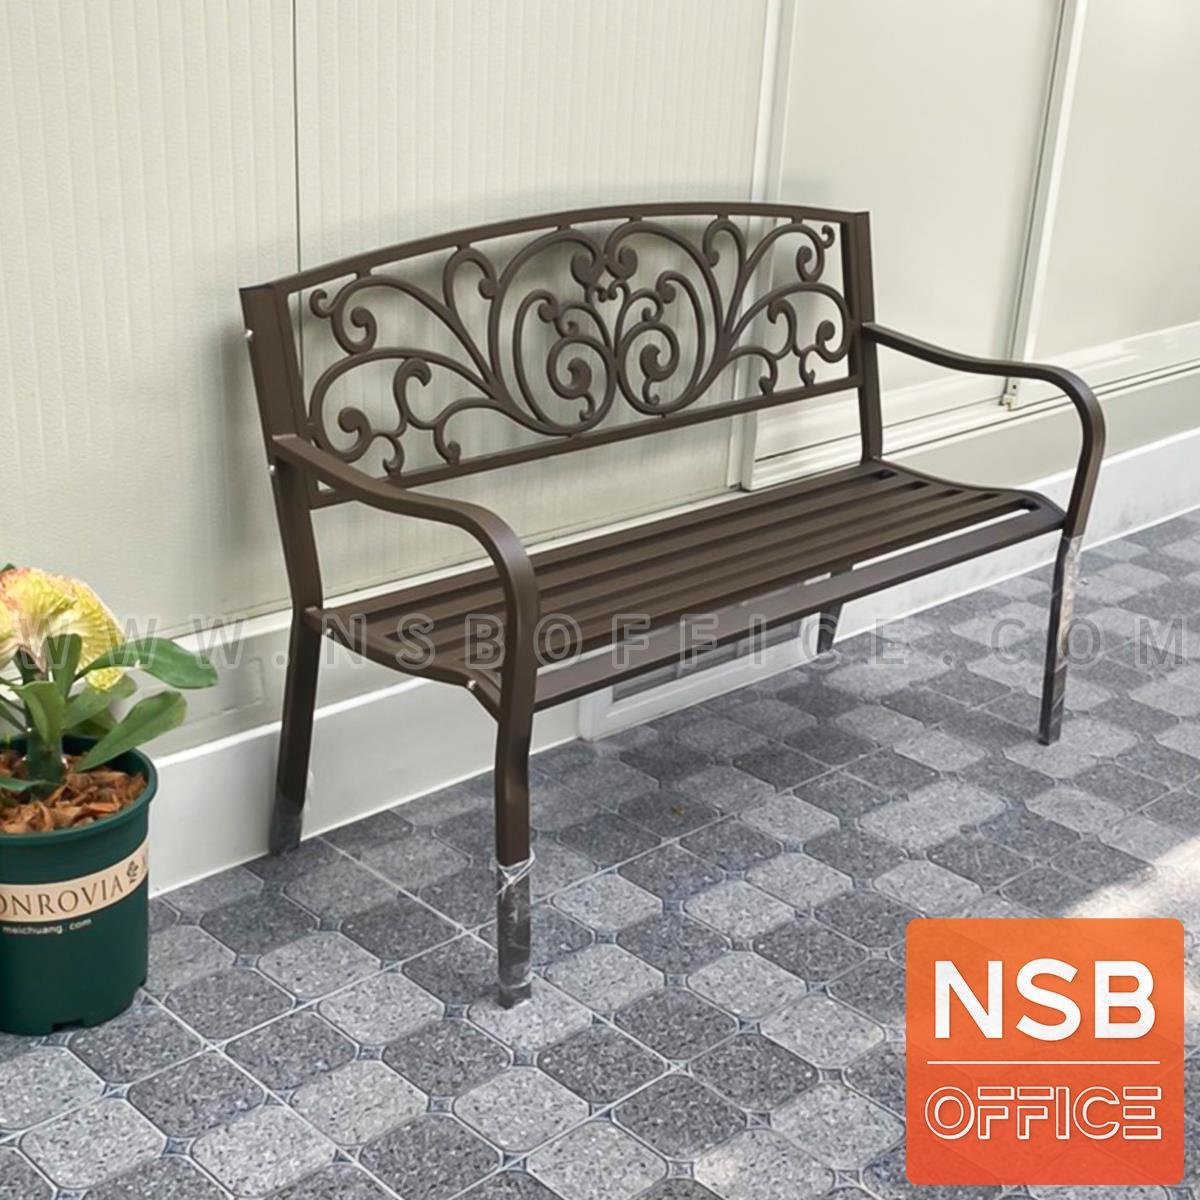 เก้าอี้สนามเหล็ก รุ่น Pine (พาย)  พนักพิงลายดอกไม้